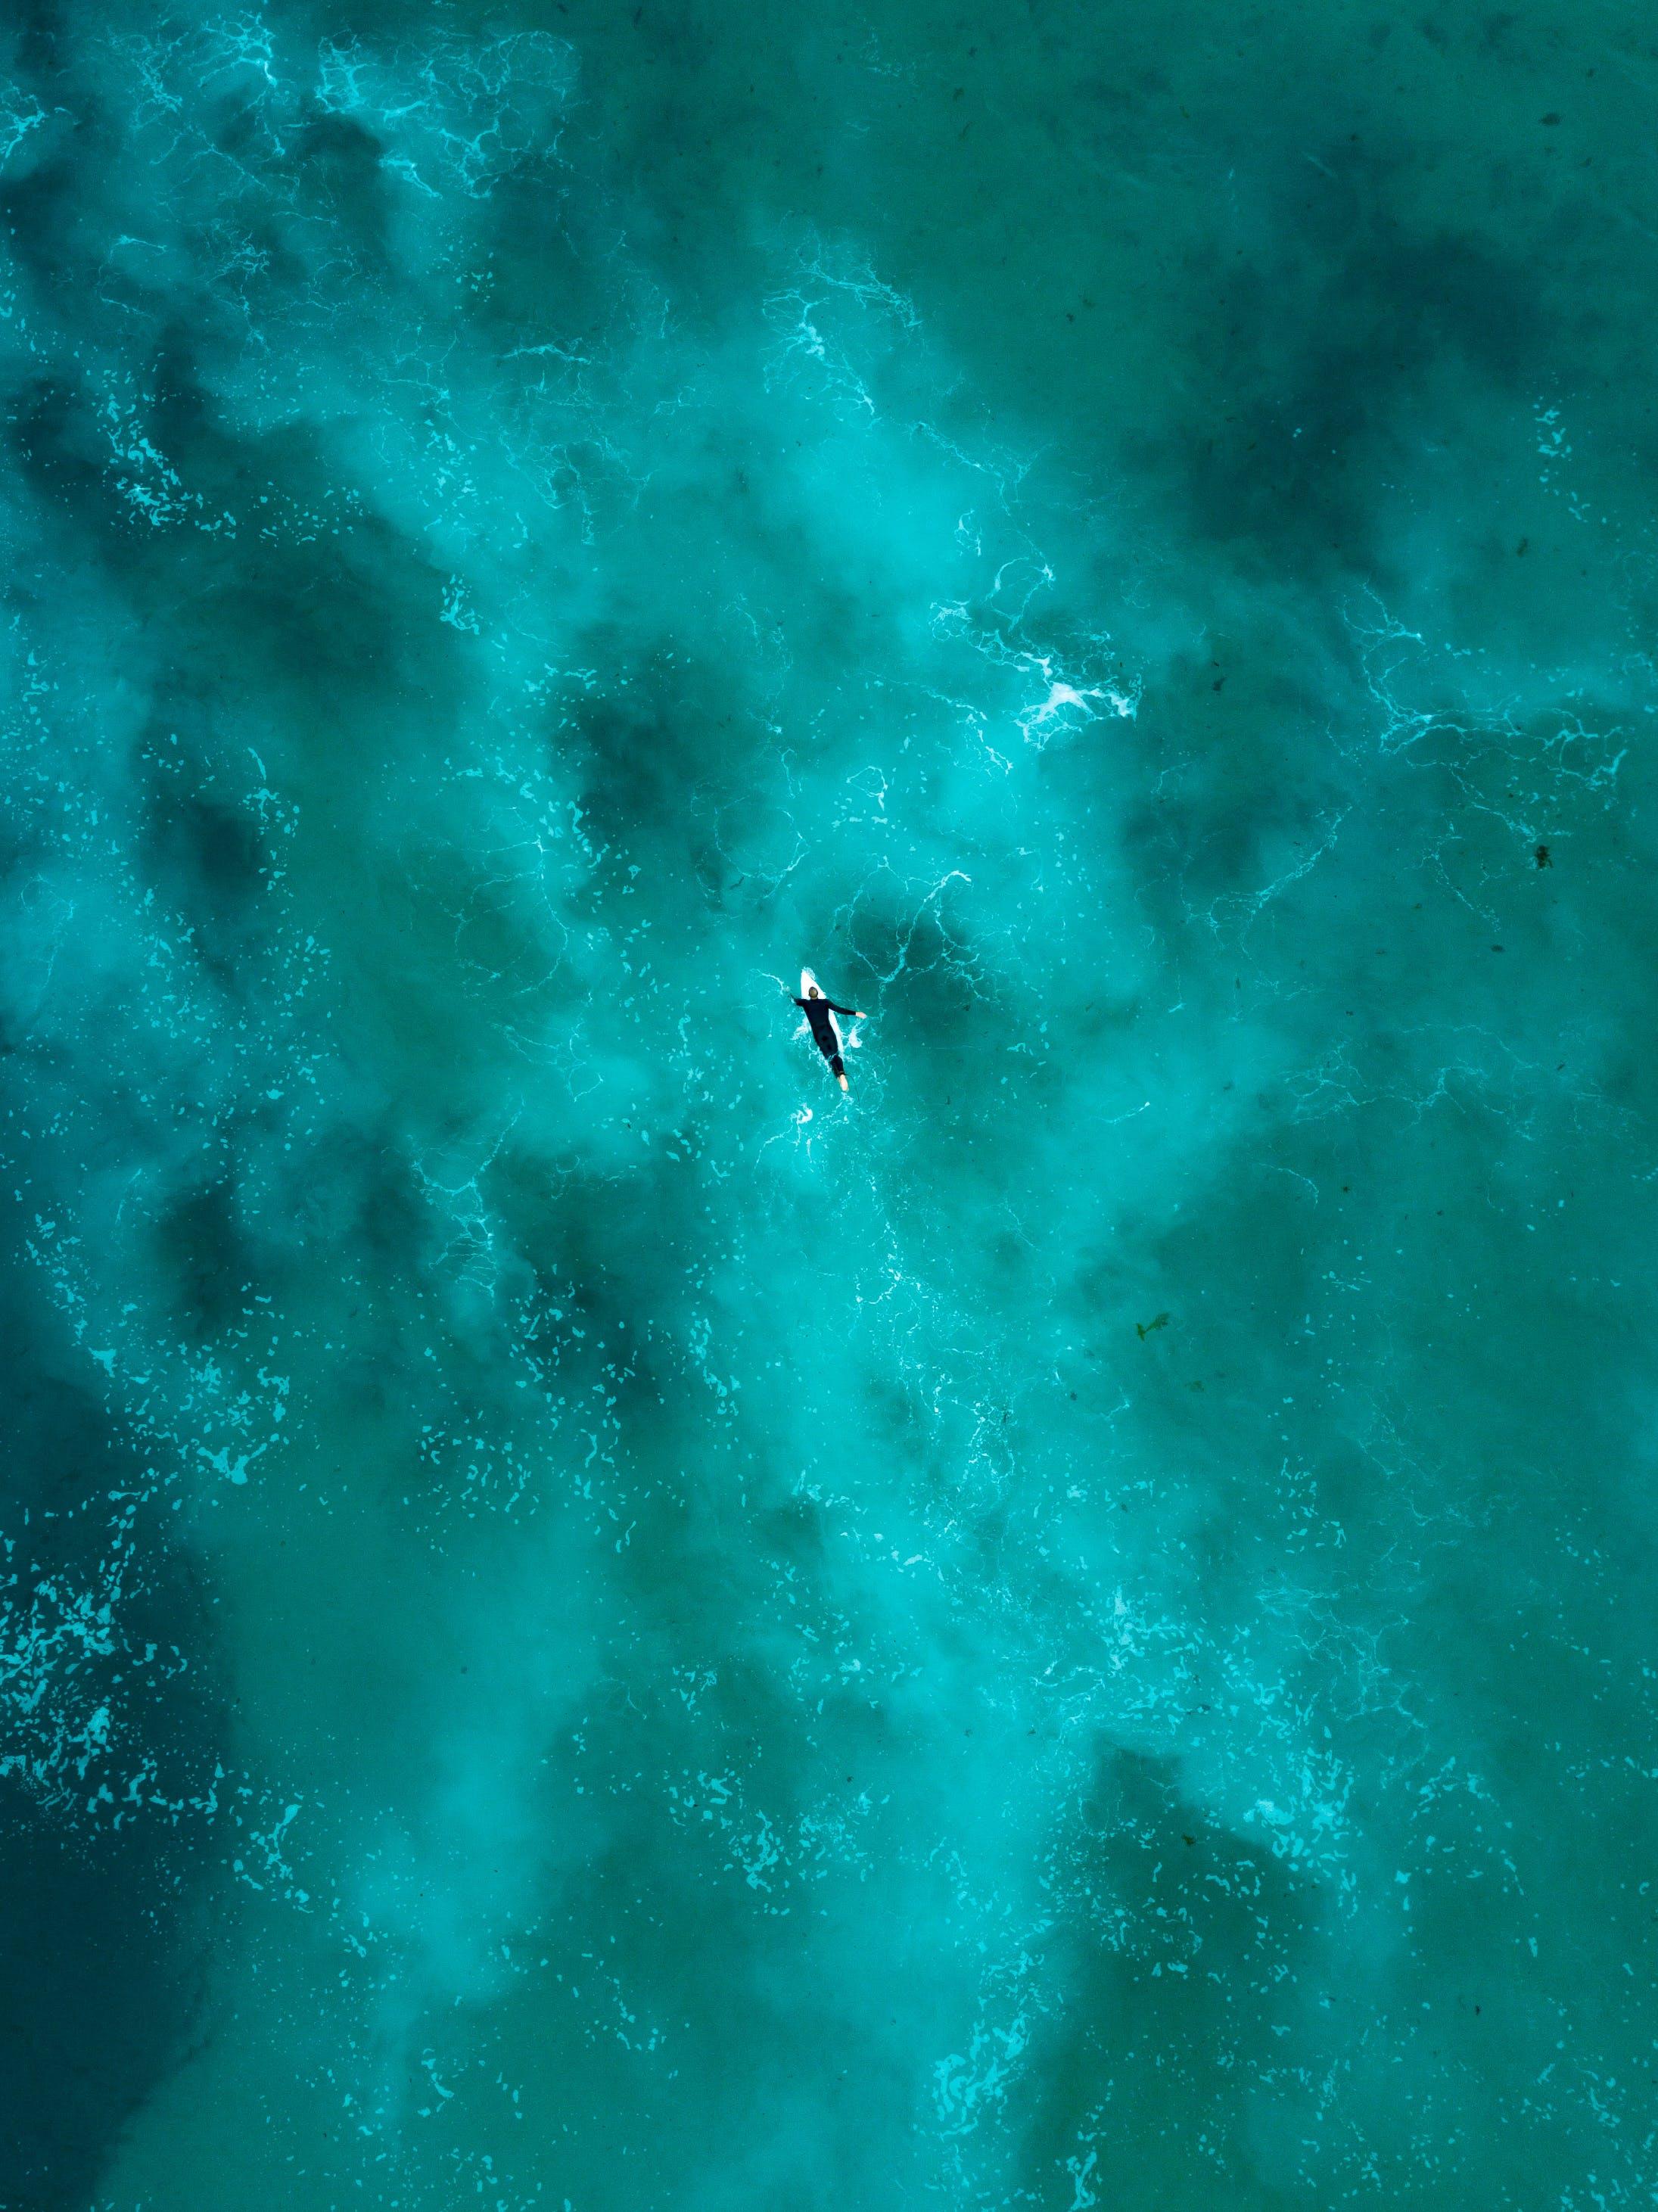 Základová fotografie zdarma na téma hluboký, korál, letecký snímek, mávání